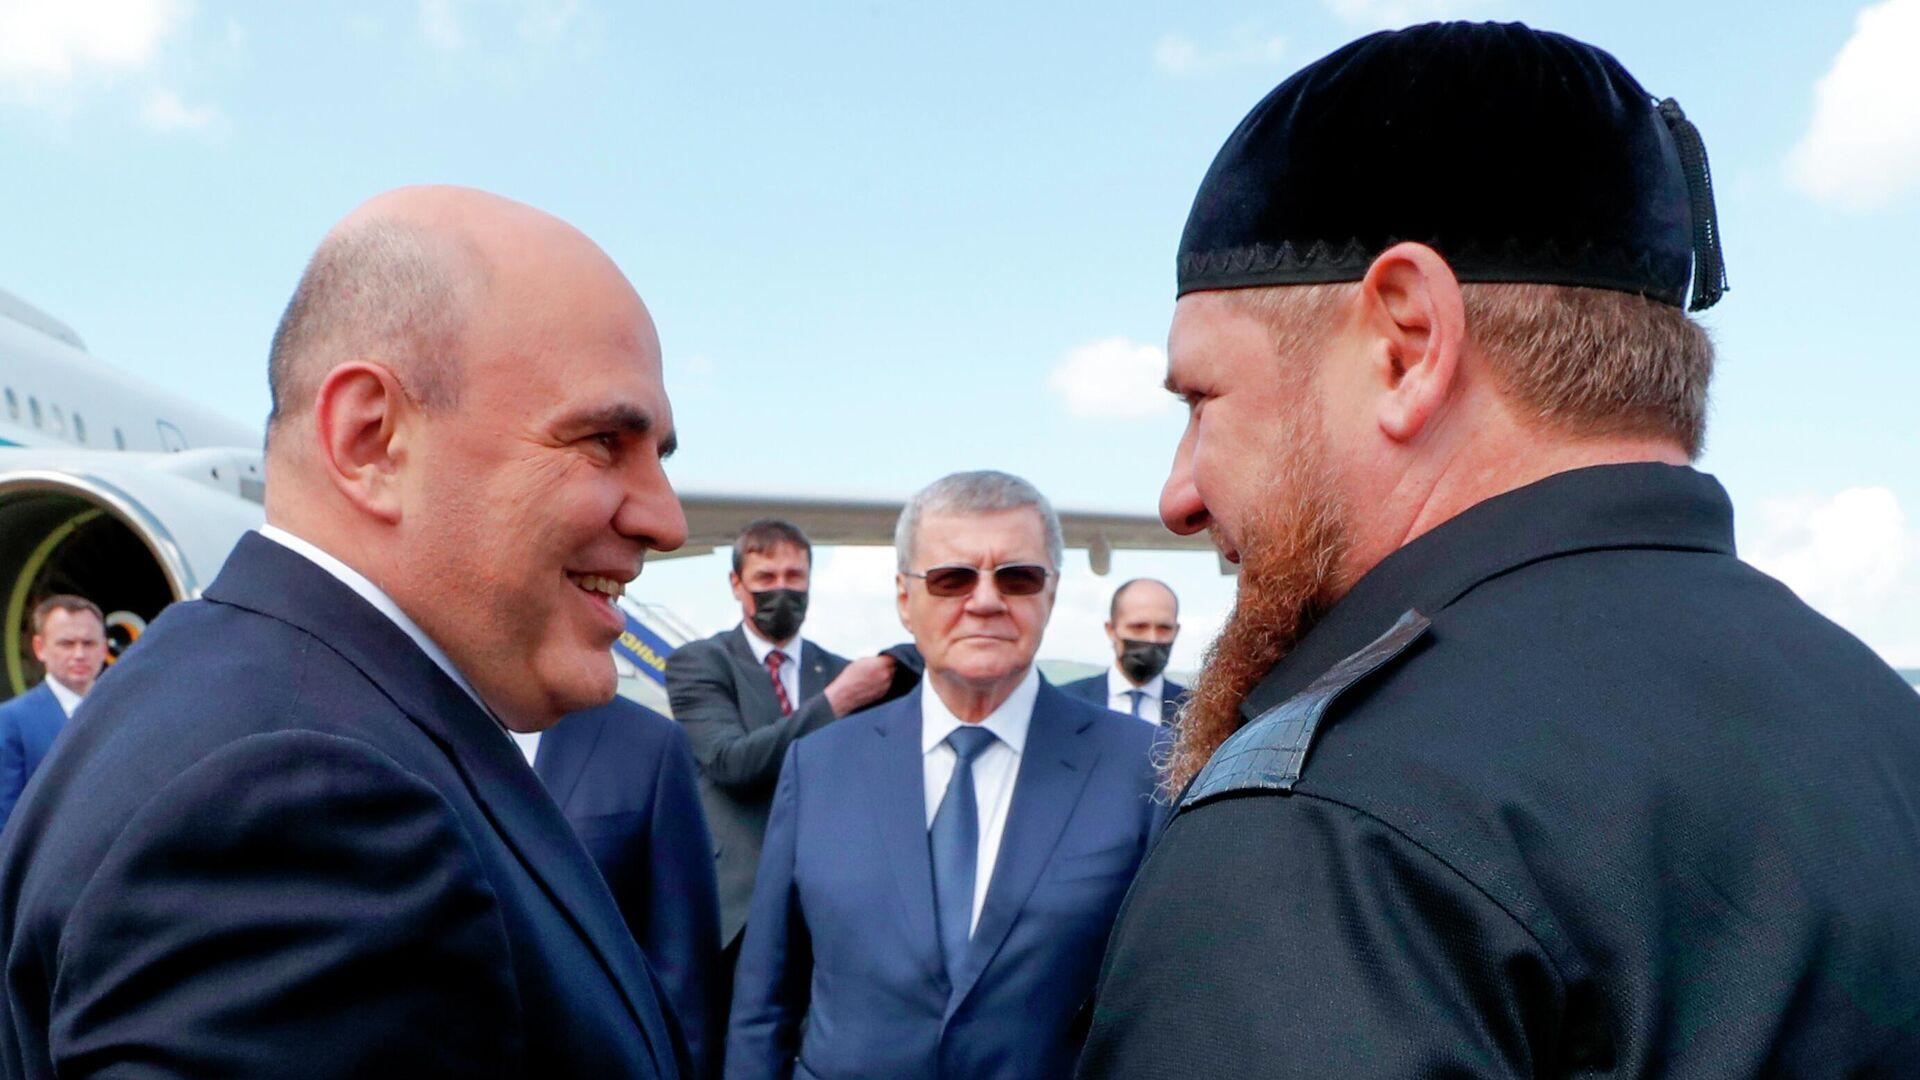 Председатель правительства РФ Михаил Мишустин и глава Чеченской Республики Рамзан Кадыров (справа) во время встречи в аэропорту Грозного - РИА Новости, 1920, 23.04.2021